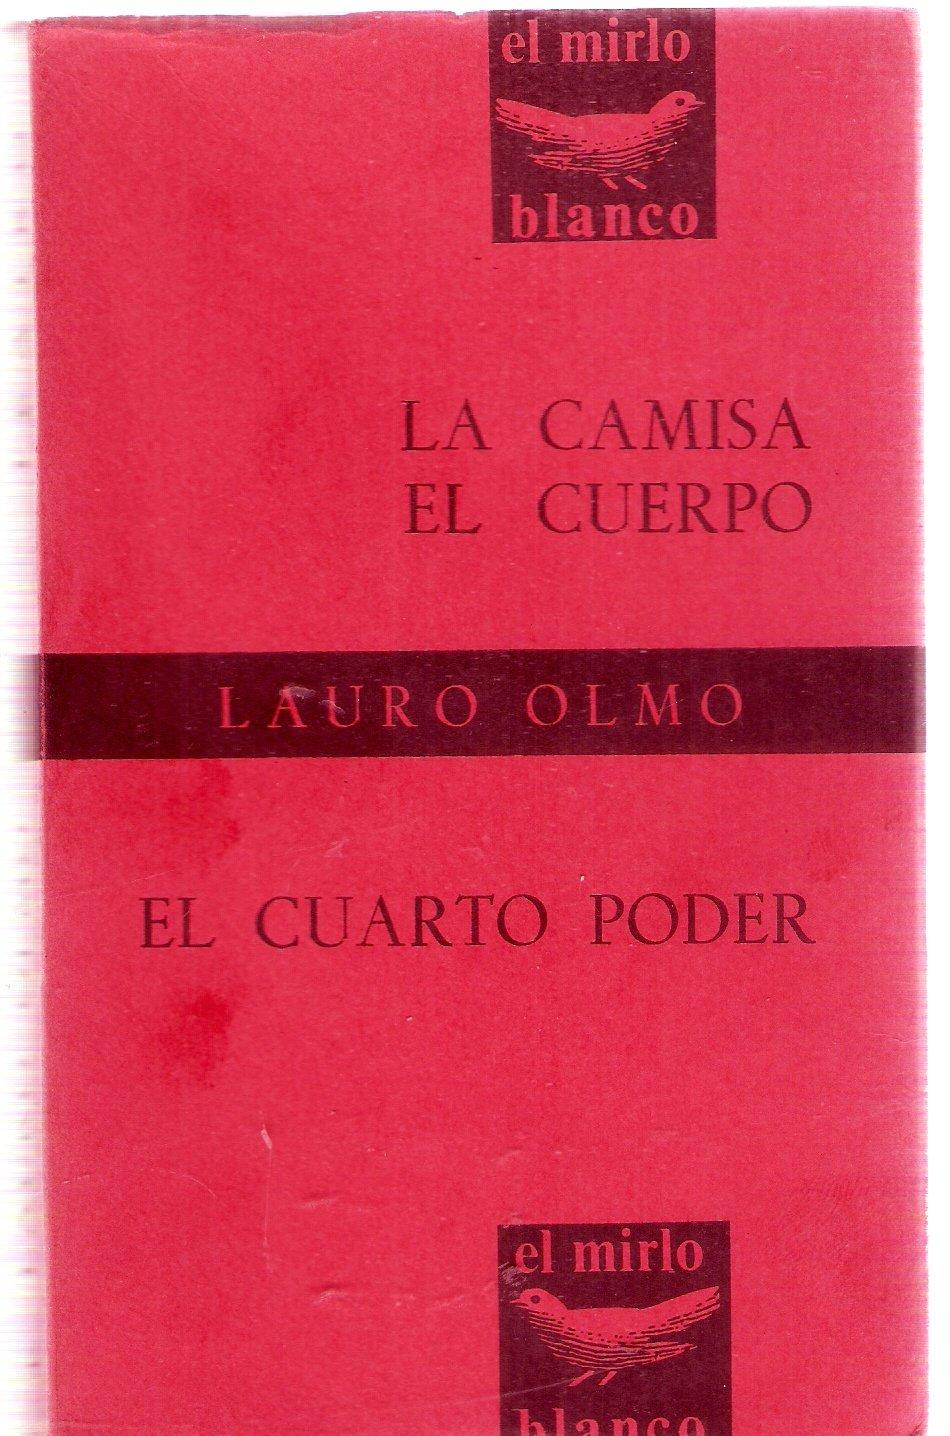 Lauro Olmo - La Camisa, El Cuerpo & El Cuarto Poder: Jose Menleon, n ...